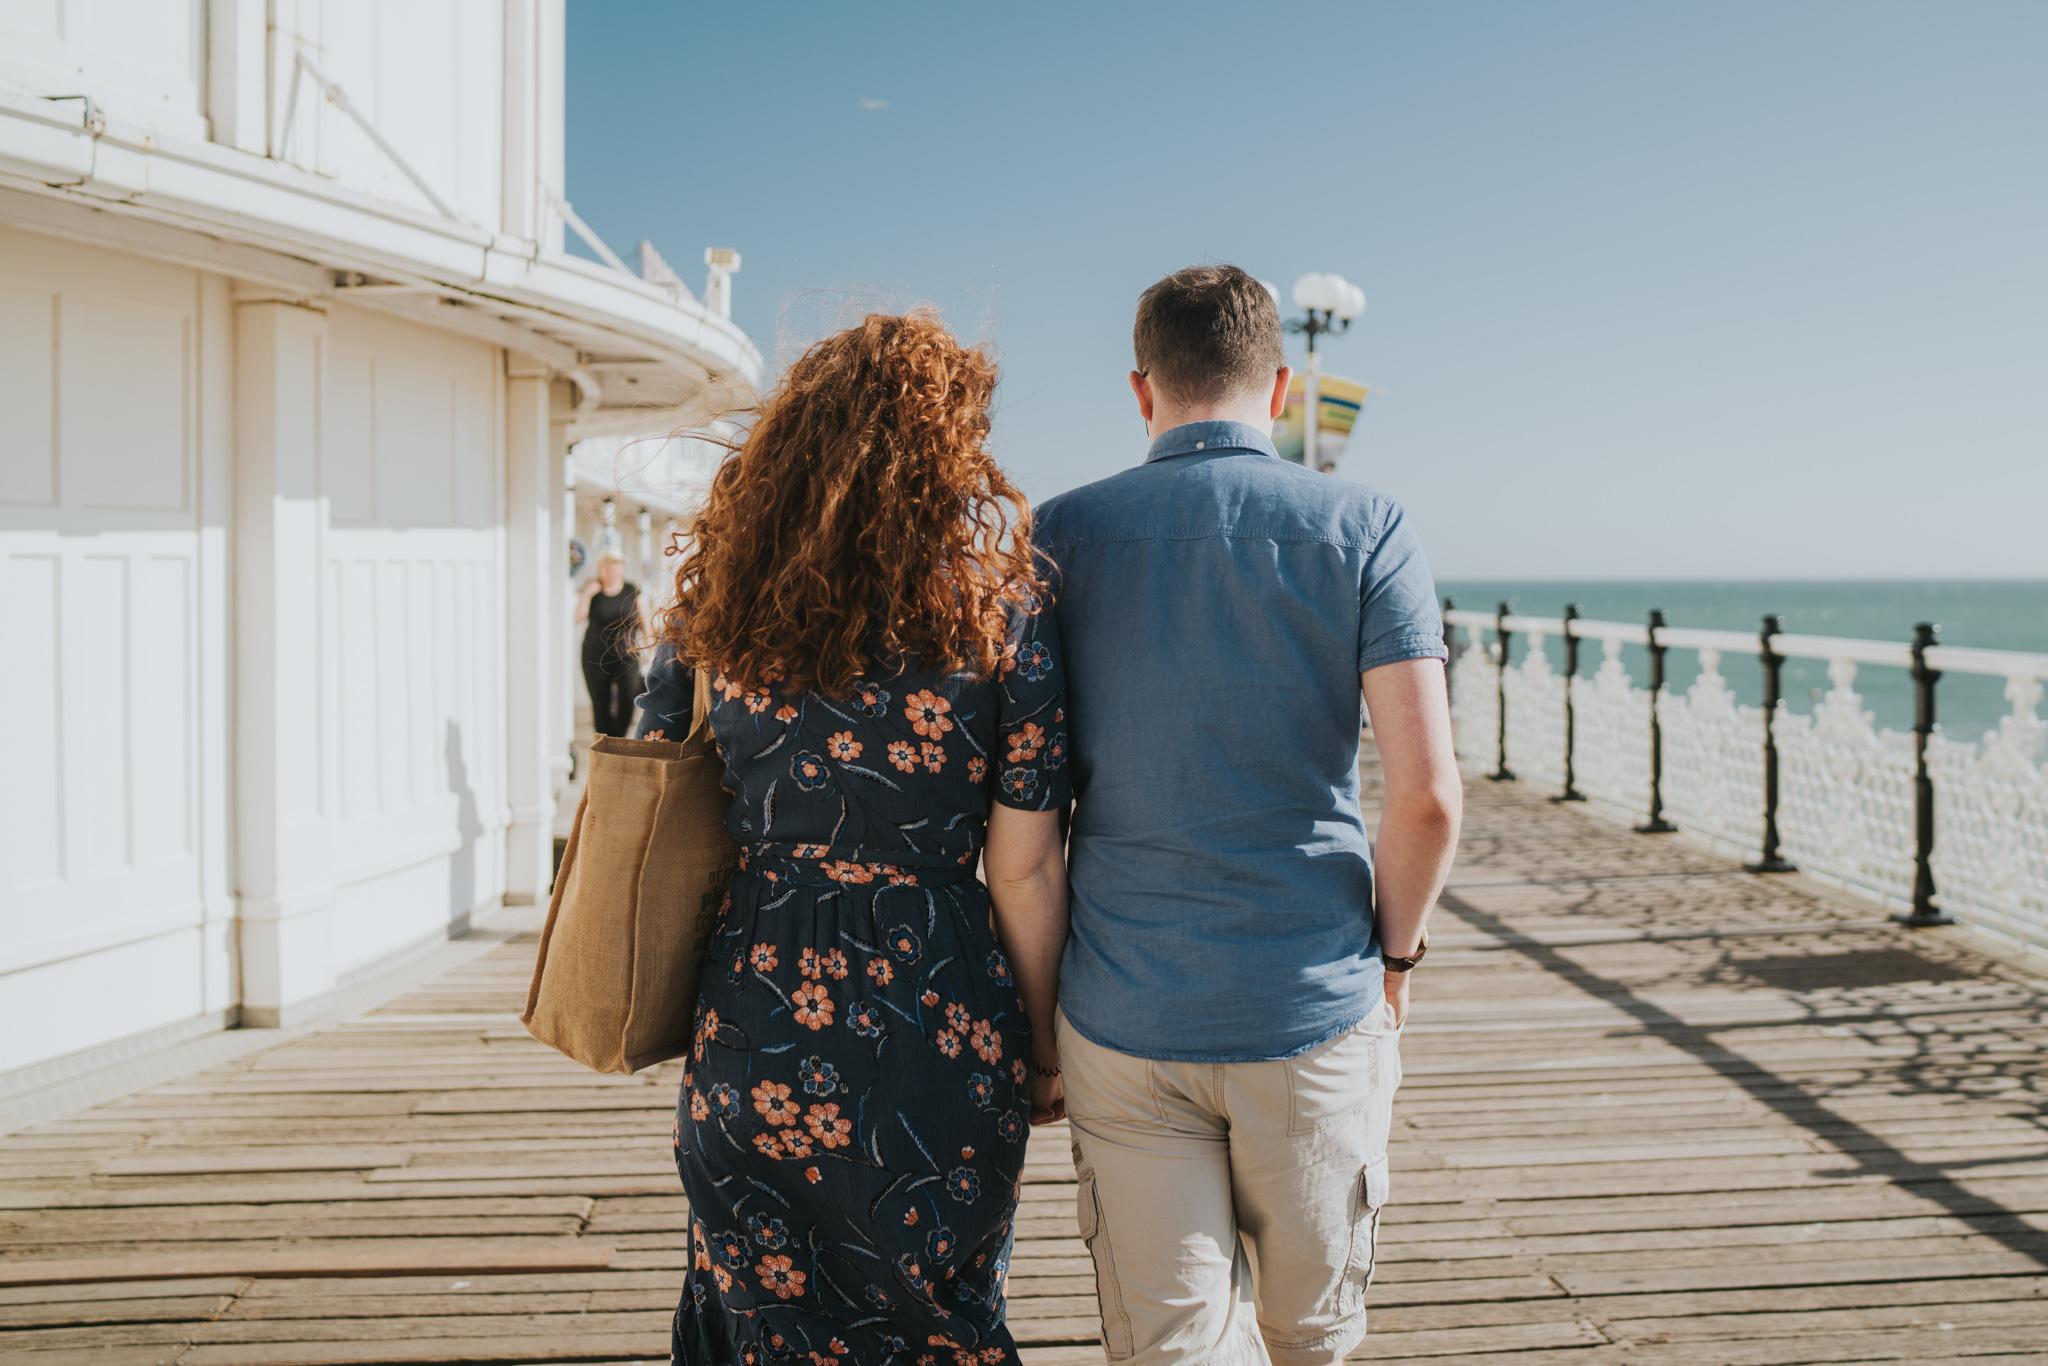 philippa-mark-pre-wedding-session-brighton-pier-colchester-grace-elizabeth-colchester-essex-alternative-wedding-lifestyle-photographer-essex-suffolk-norfolk-devon-13.jpg